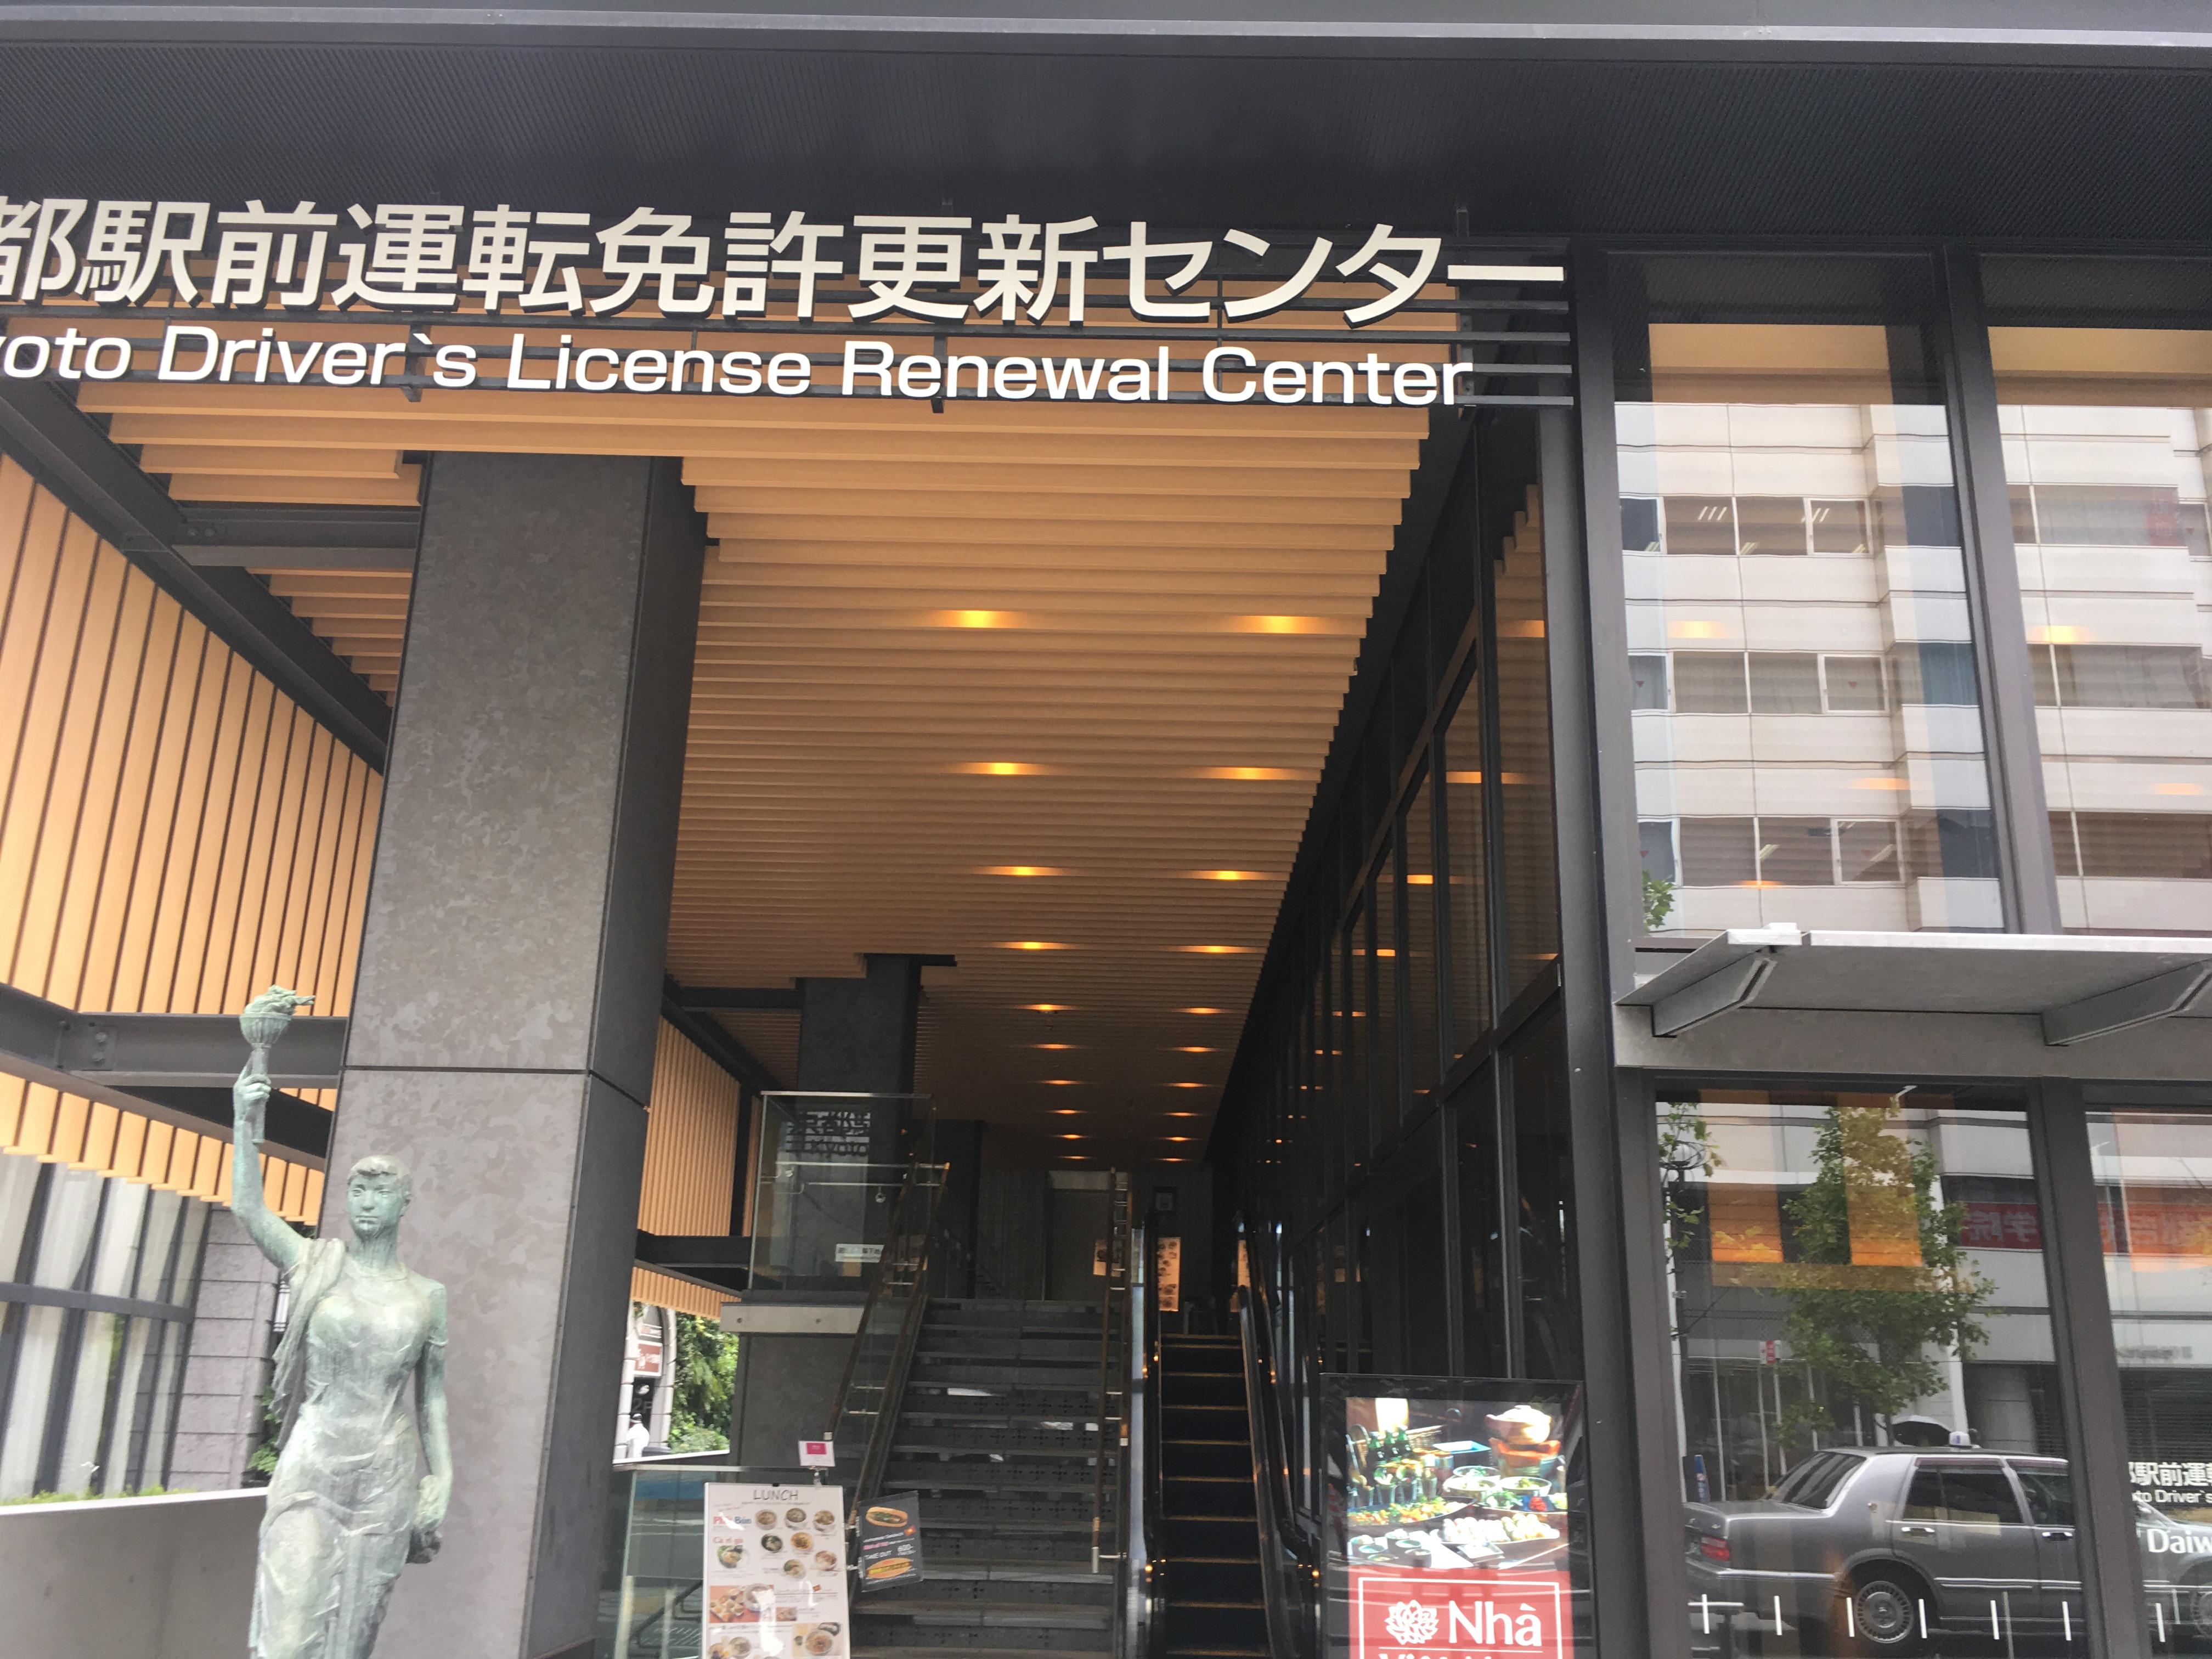 京都駅前運転免許更新センターの場所と内容